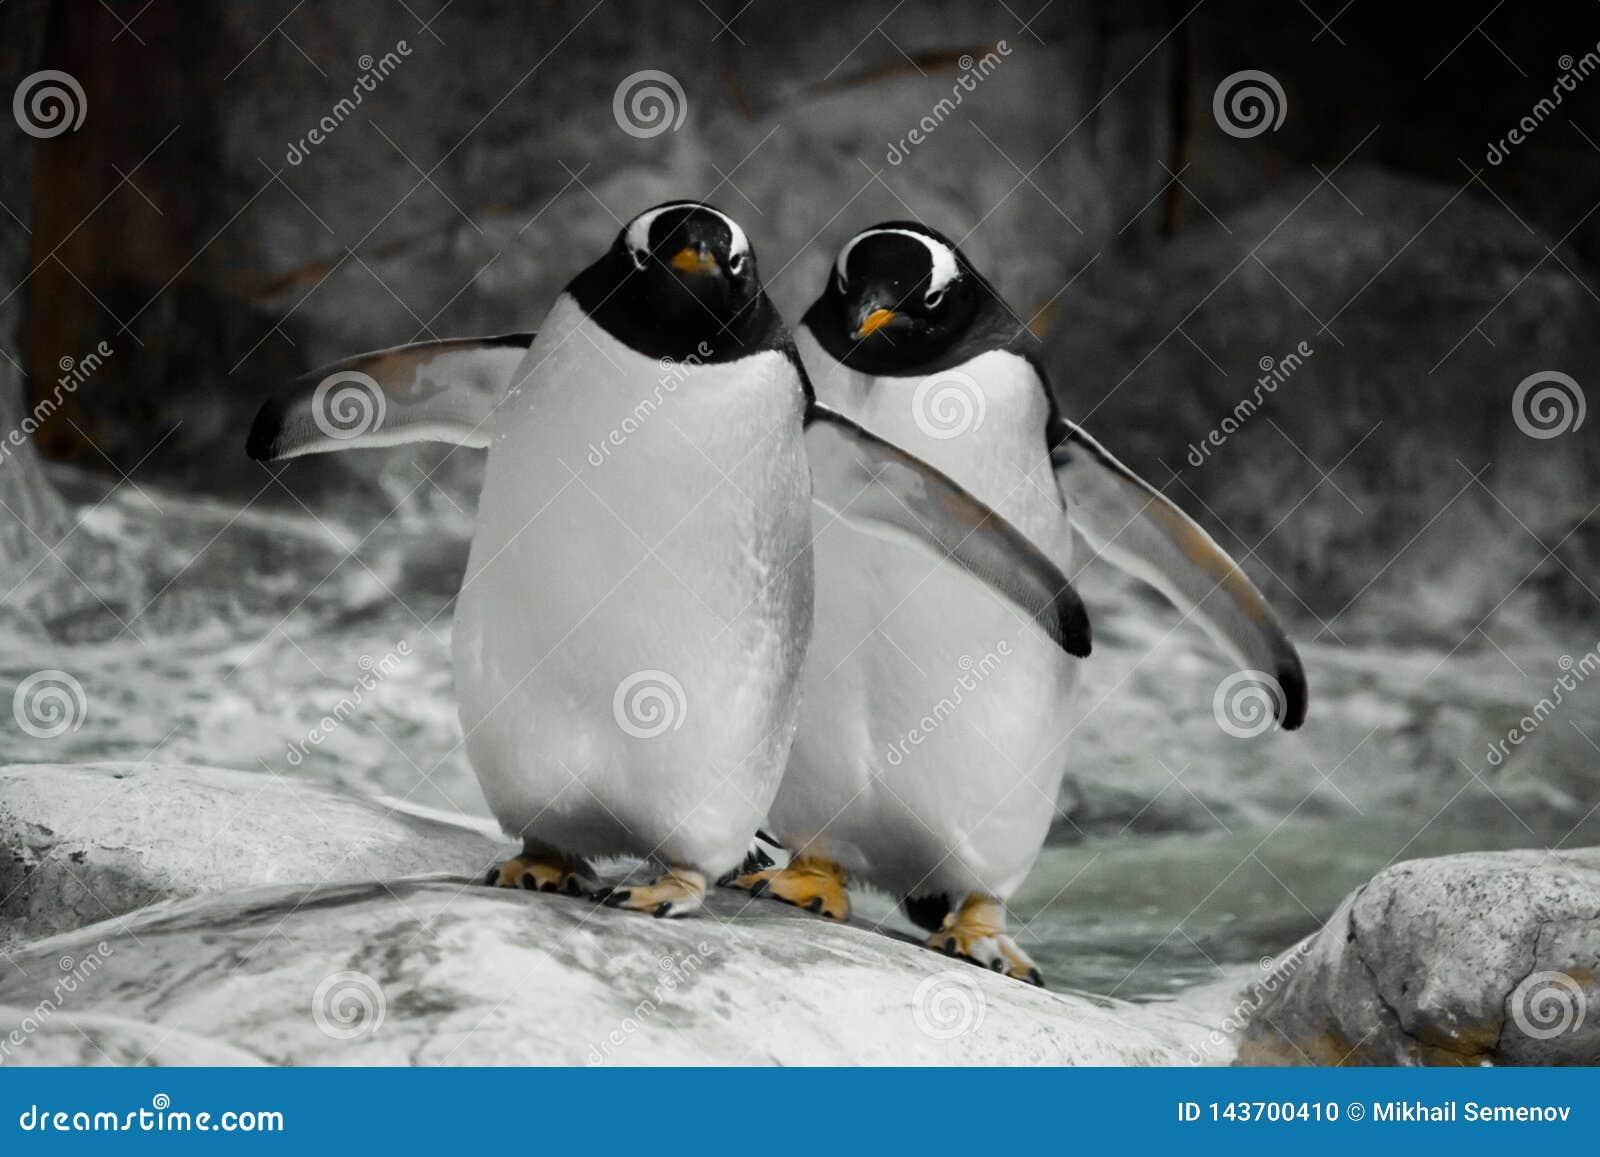 Dois pinguins est?o estando de lado a lado esposos, um casal ou os pinguins secund?rio-ant?rticos bonitos gordos dos amigos est?o